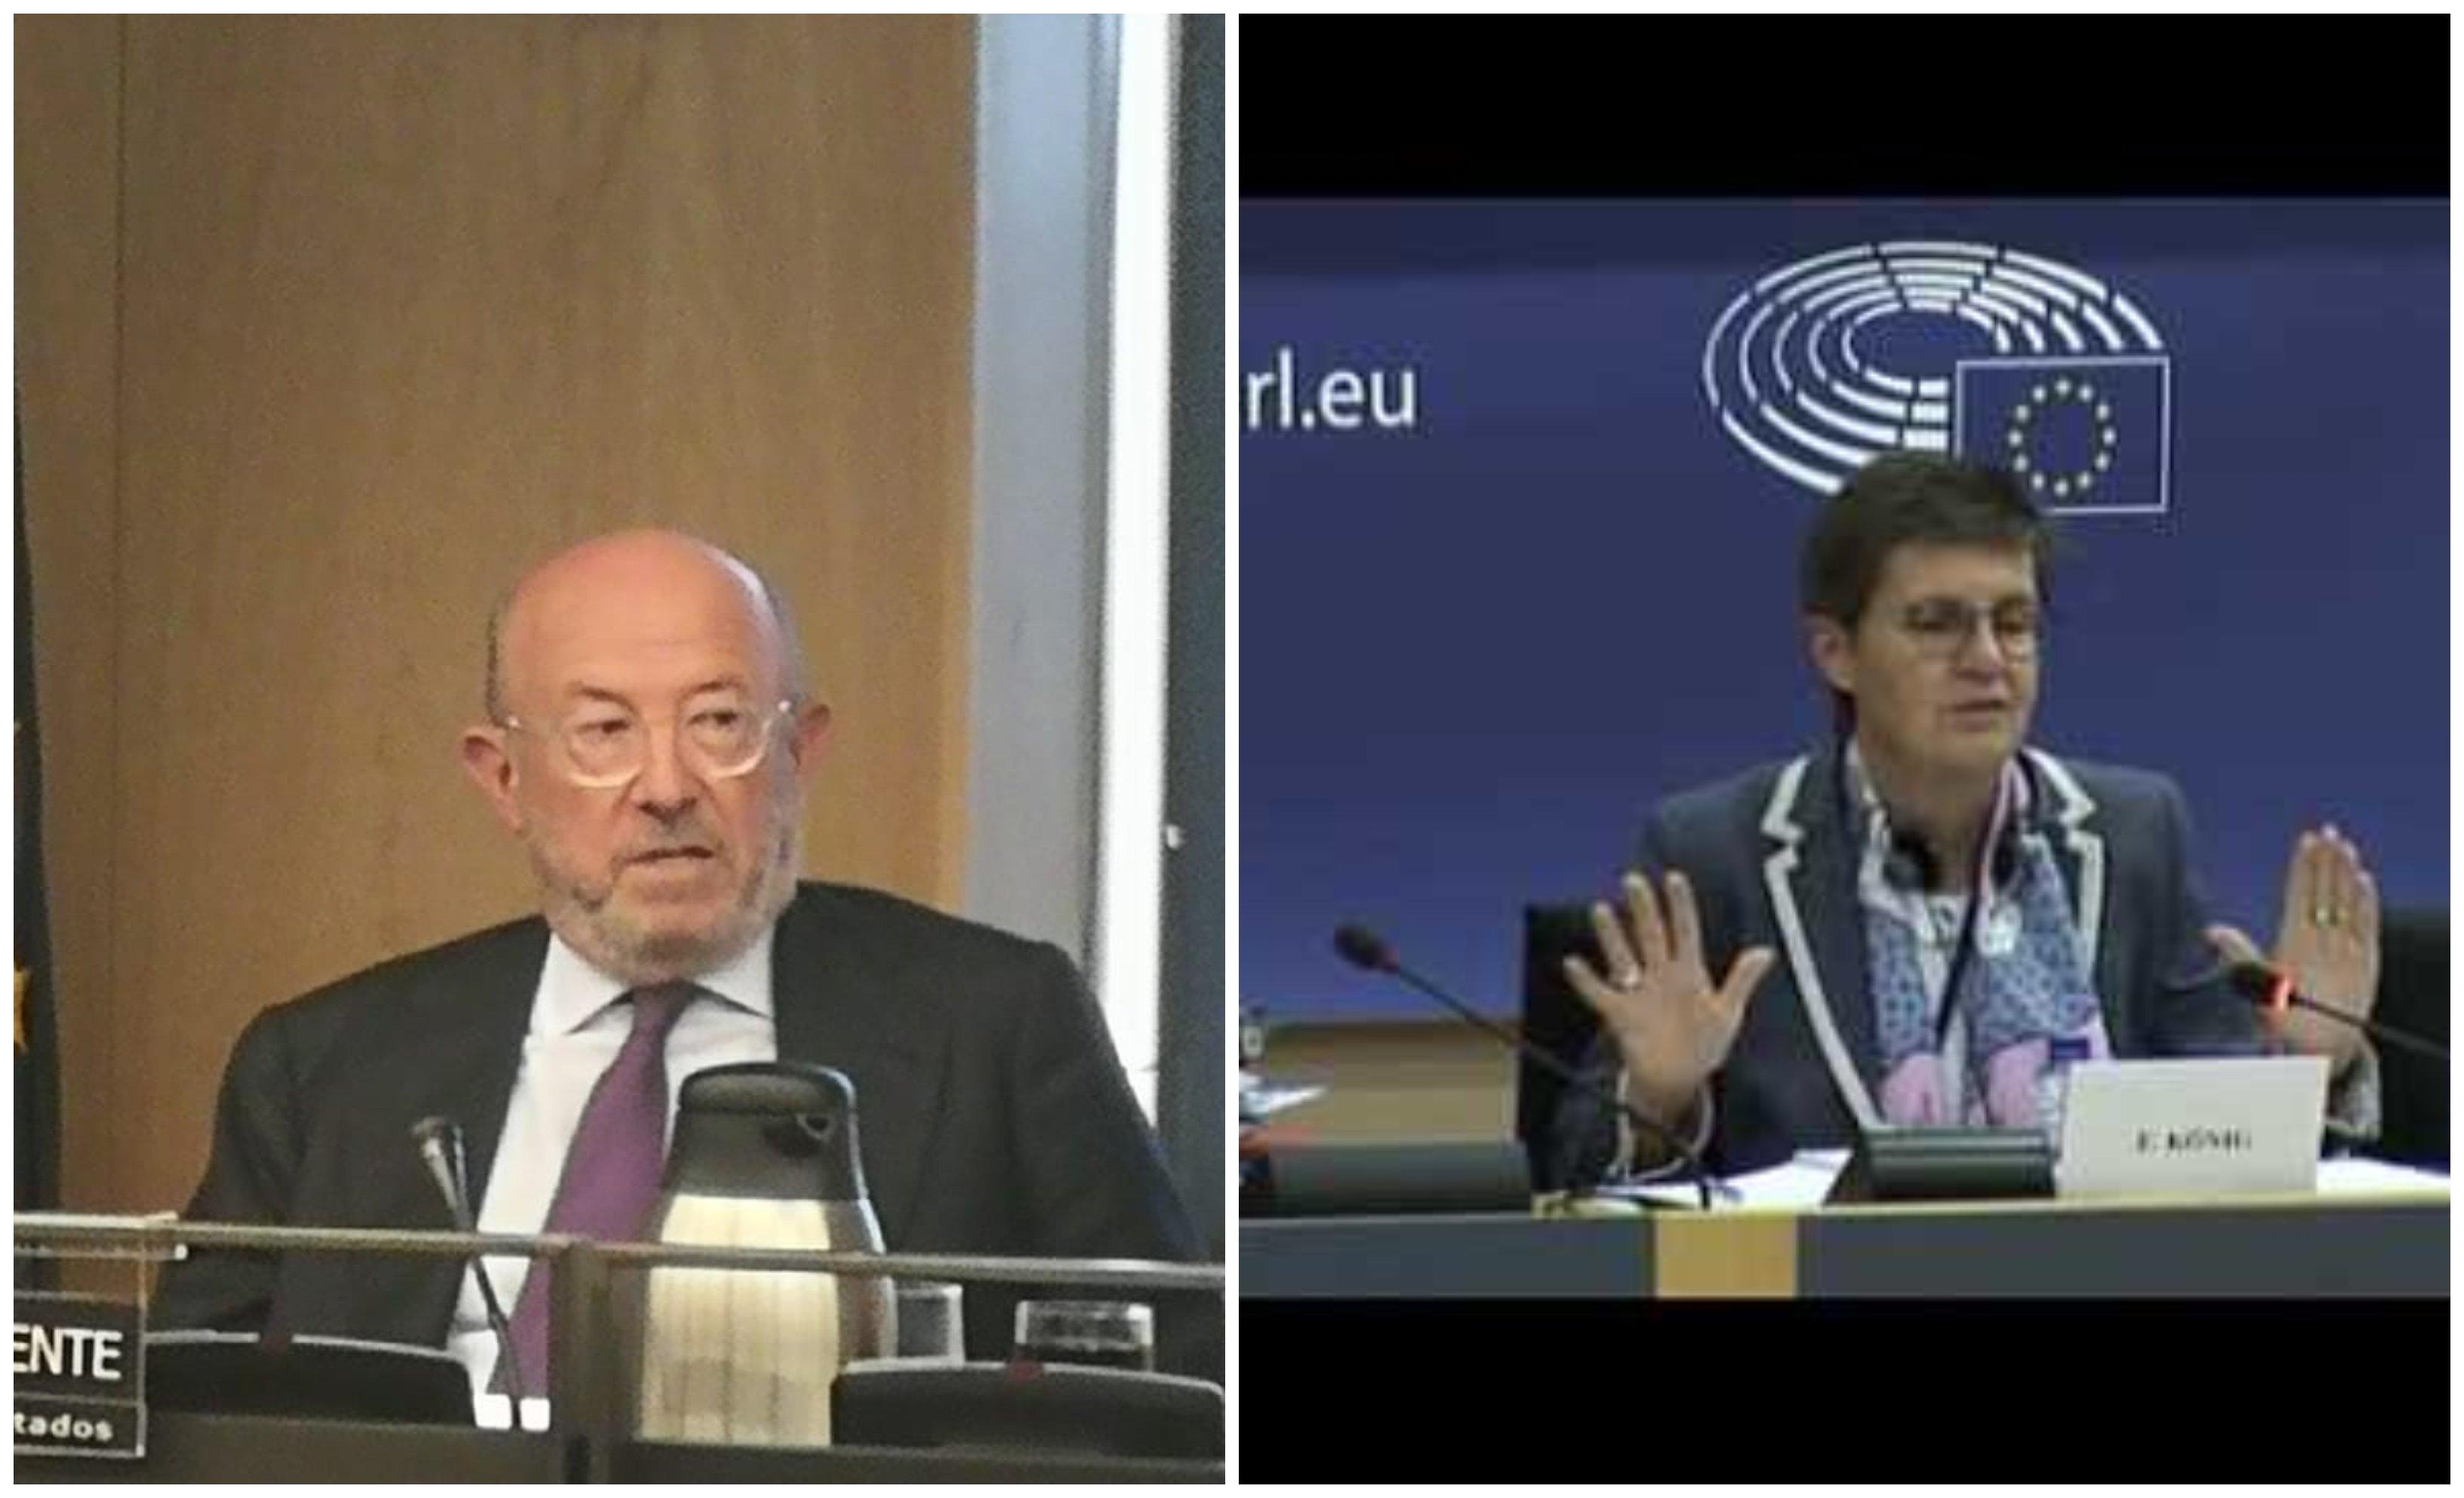 El Popular: el BCE aprobó una línea de liquidez de 9.500 millones de liquidez… 48 horas antes de su intervención por la JUR